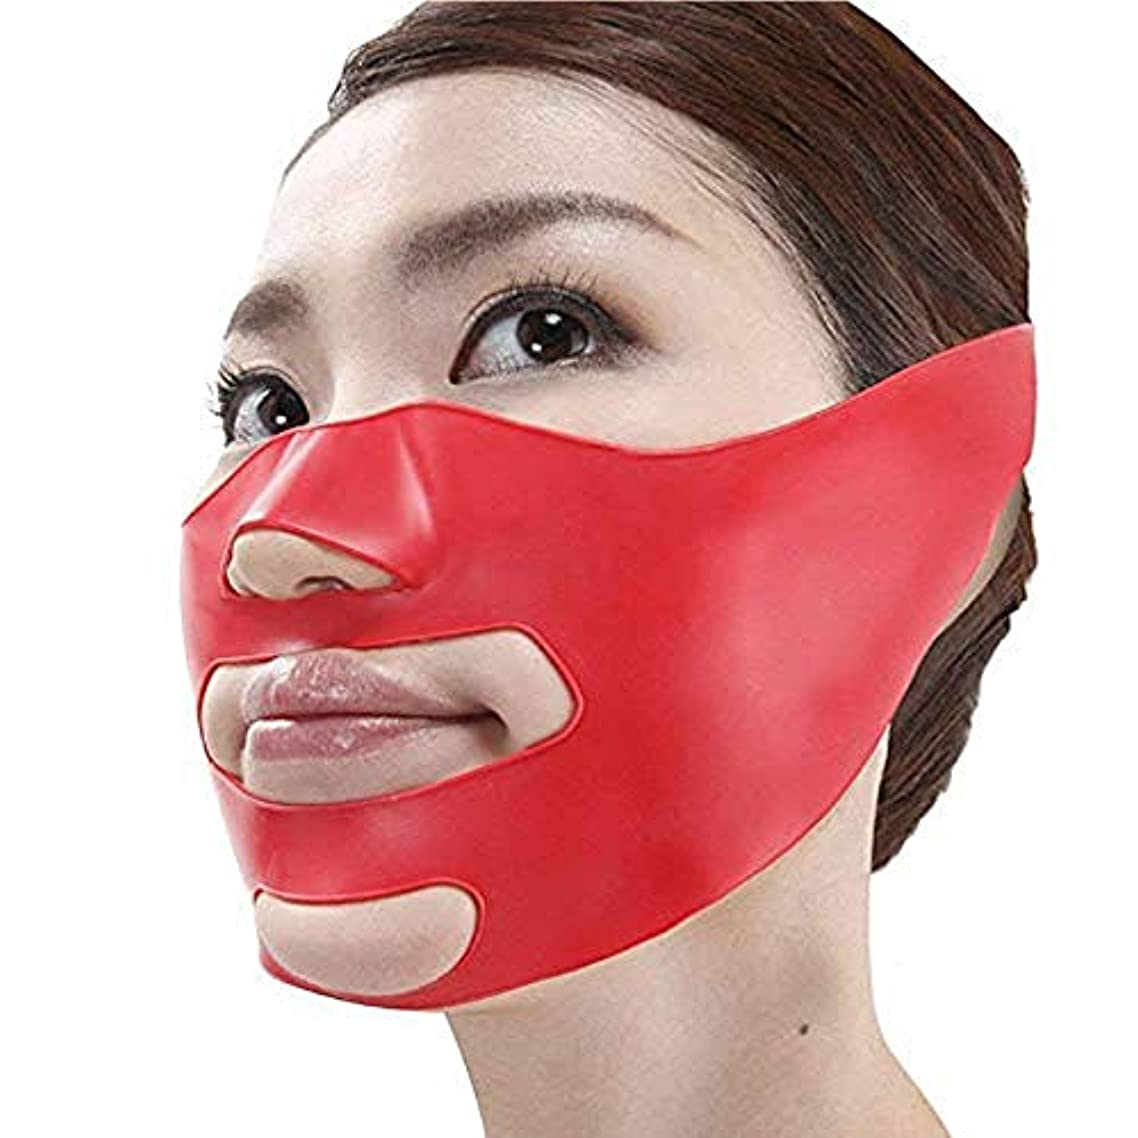 委託絶滅変わるMilent 小顔矯正 マスク 小顔補正ベルト ほうれい線 リフトスリムマスク 3Dエクササイズマスク 法令線予防 抗シワ サウナマスク 美顔 フリーサイズ